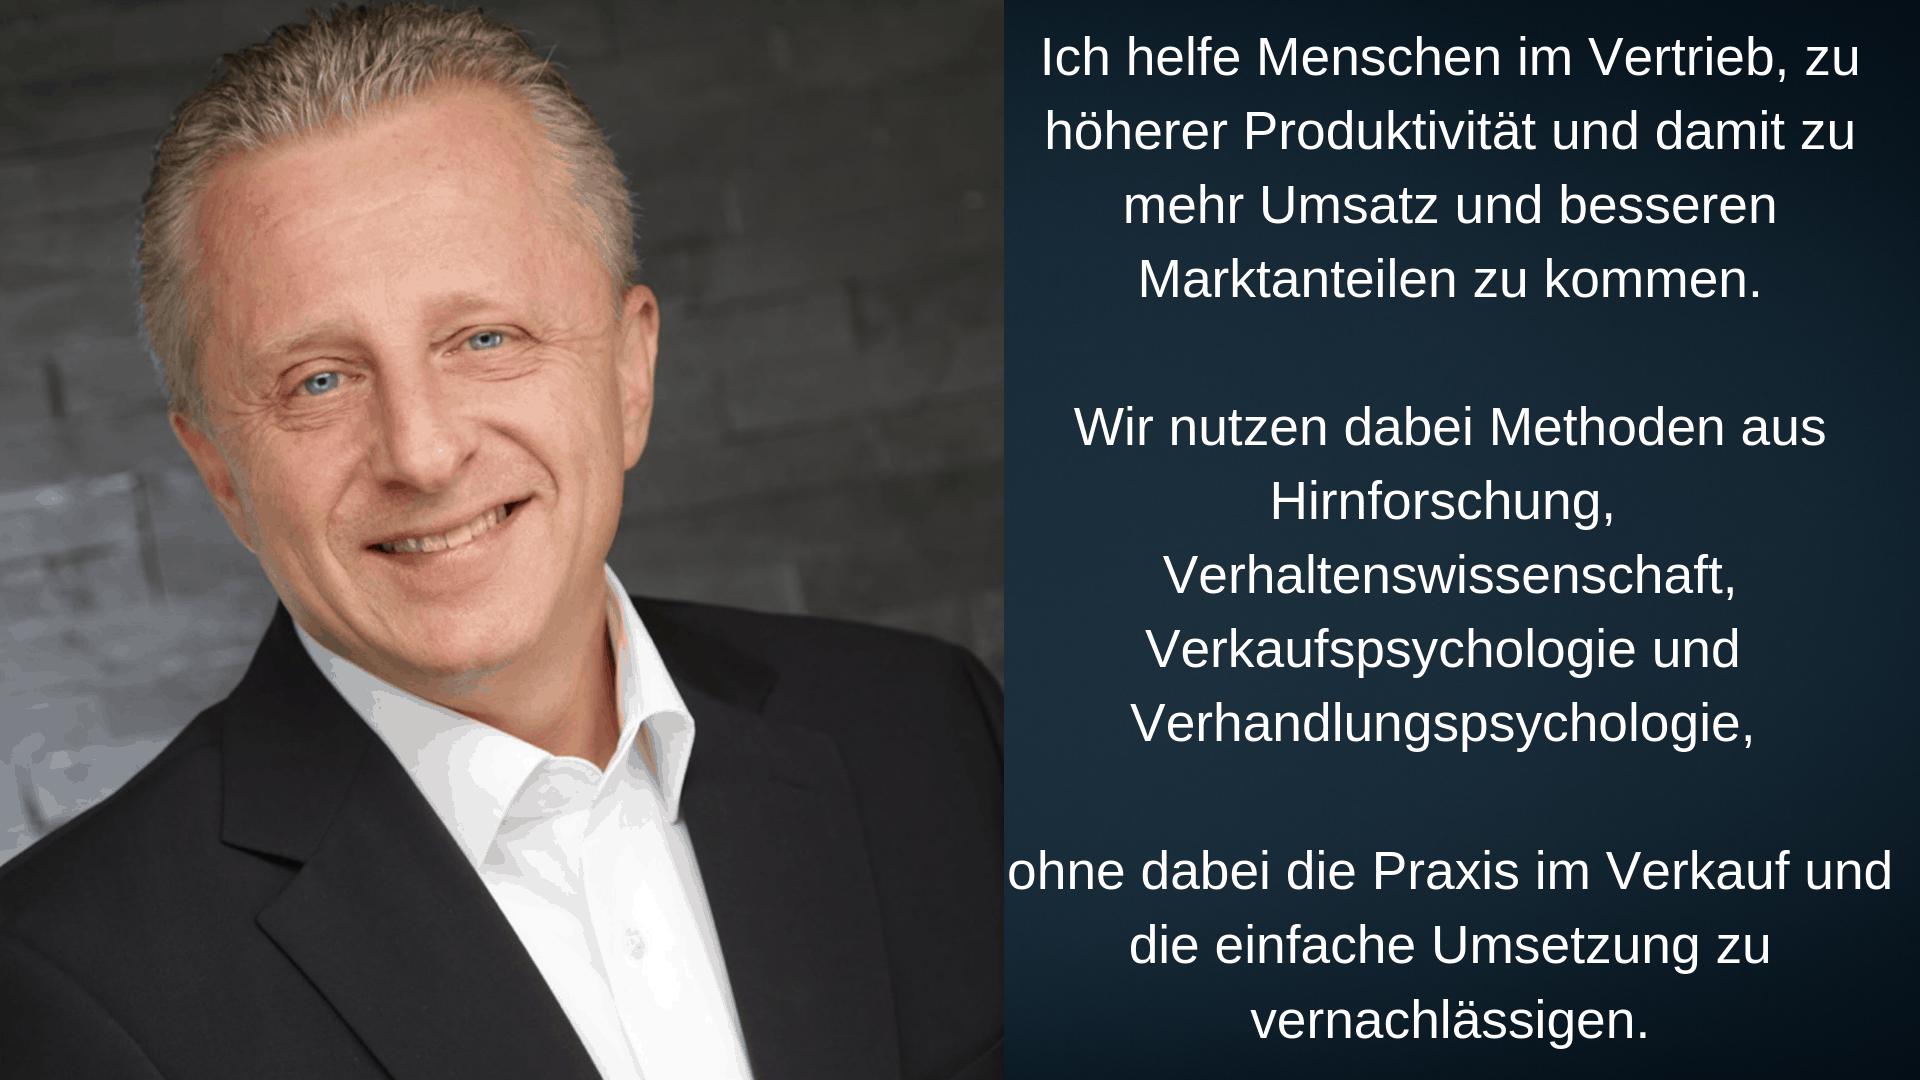 Das Bild zeigt den Inhaber Rolf-Peter Koch und sein Angebotsspektrum: Hirnforschung-Verhaltenswissenschaft-Verkaufspsychologie-Verhandlungspsychologie